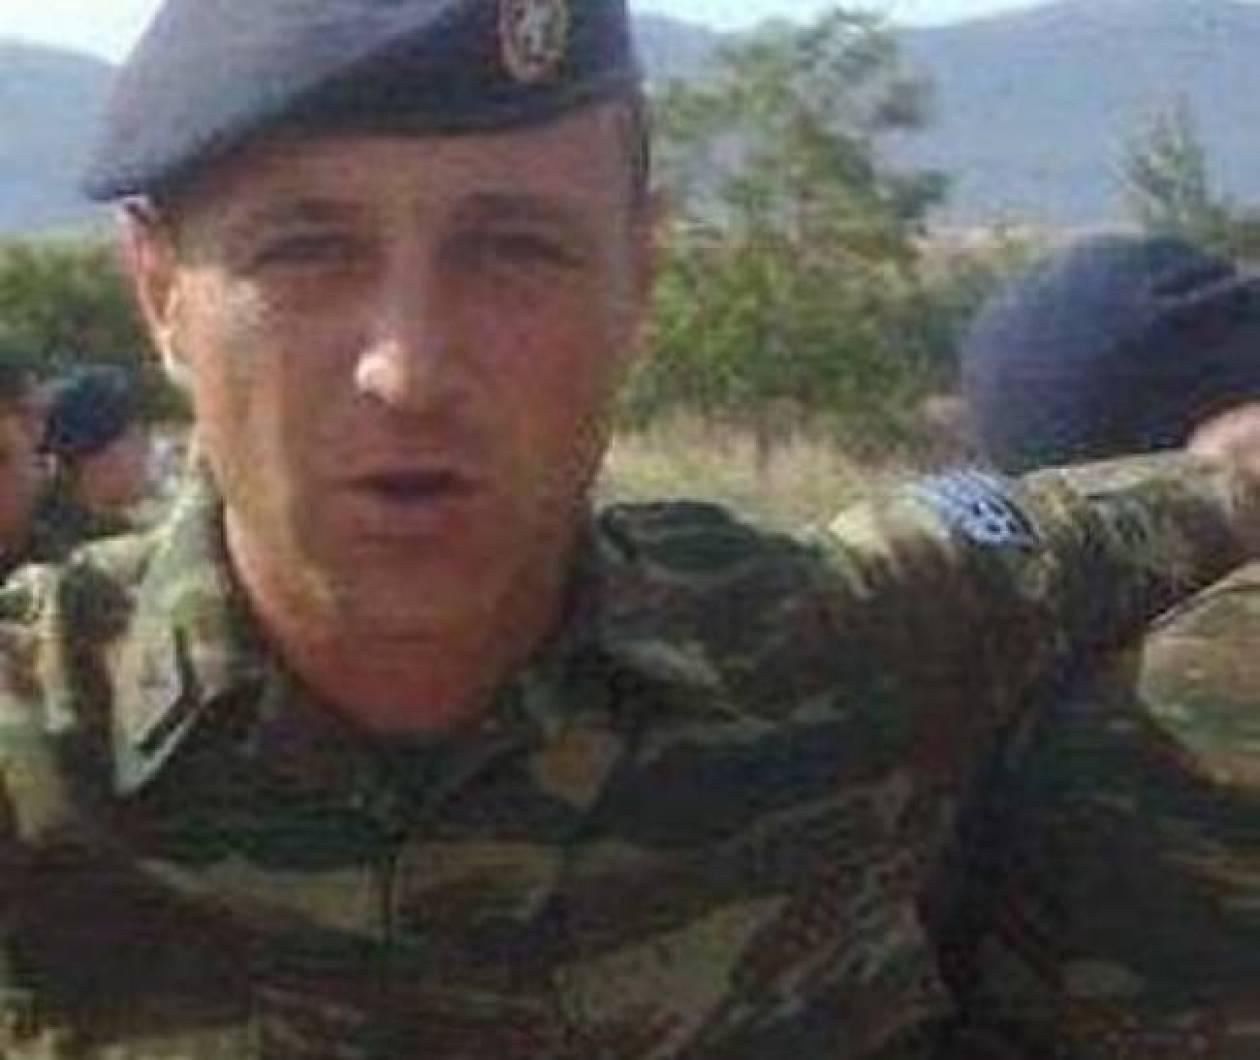 Προφυλακίστηκε η 31χρονη για τη δολοφονία του στρατιωτικού